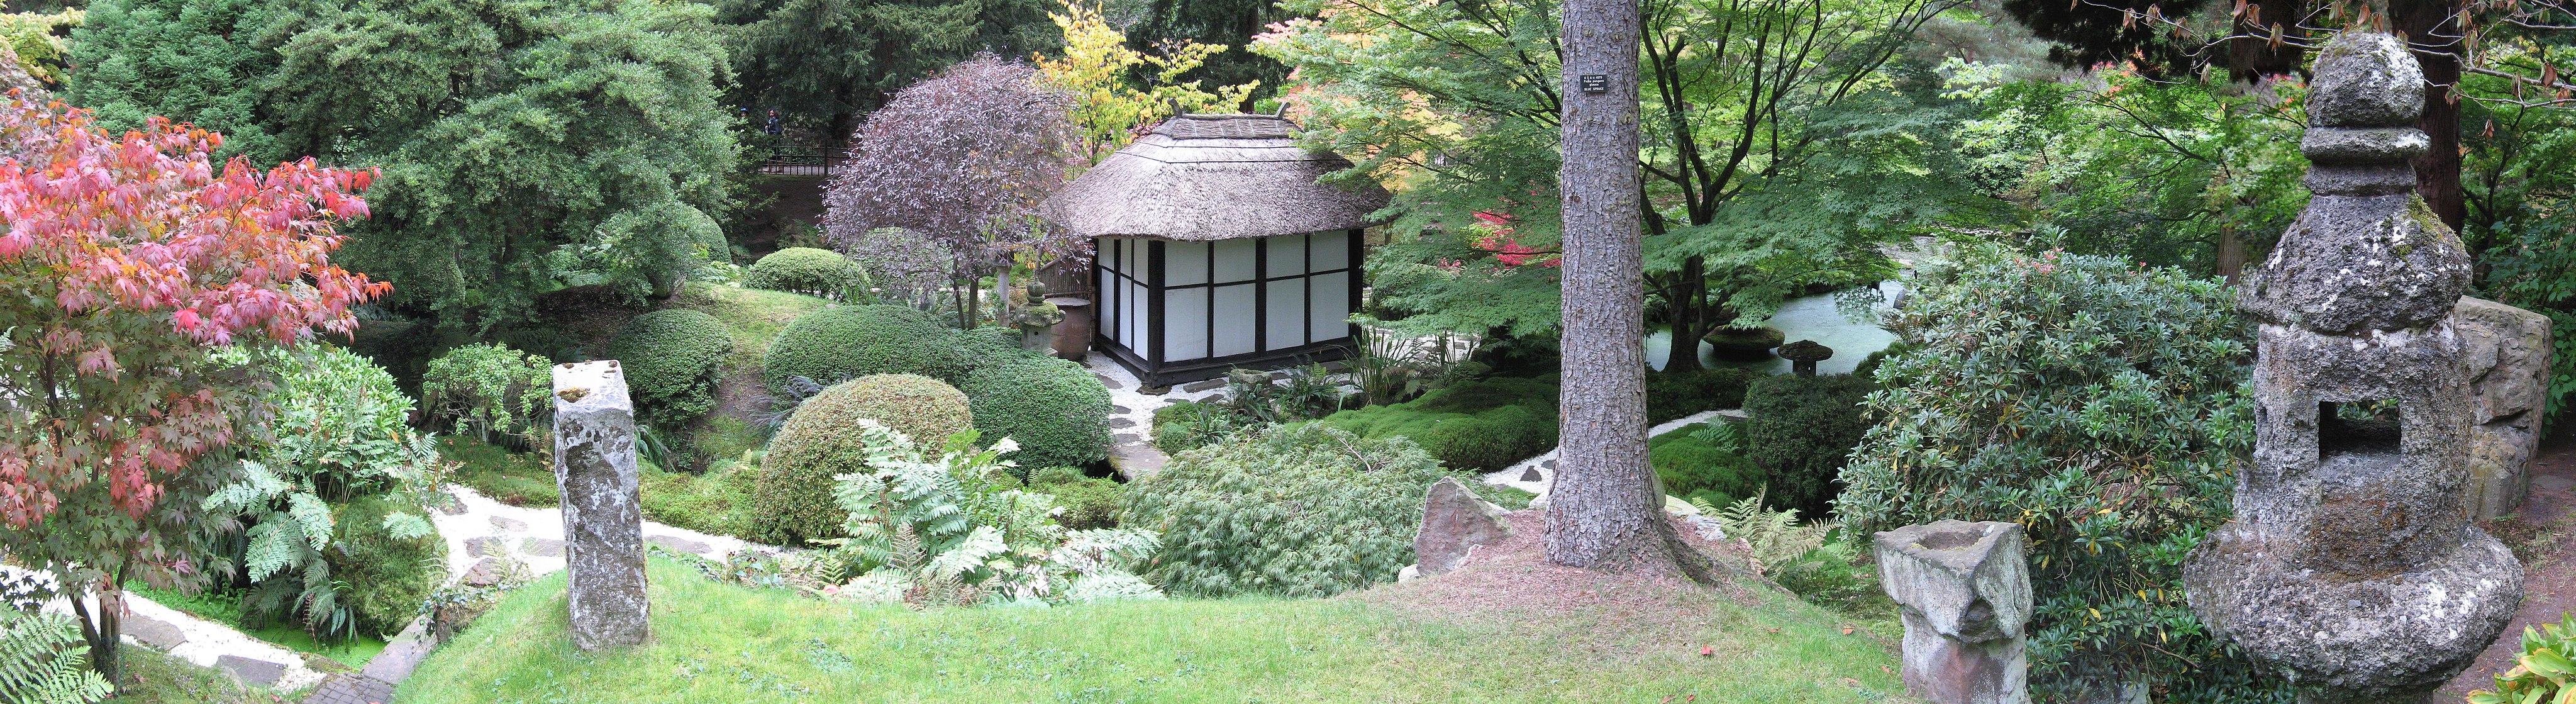 Japanese Garden, Tatton Park, wide view